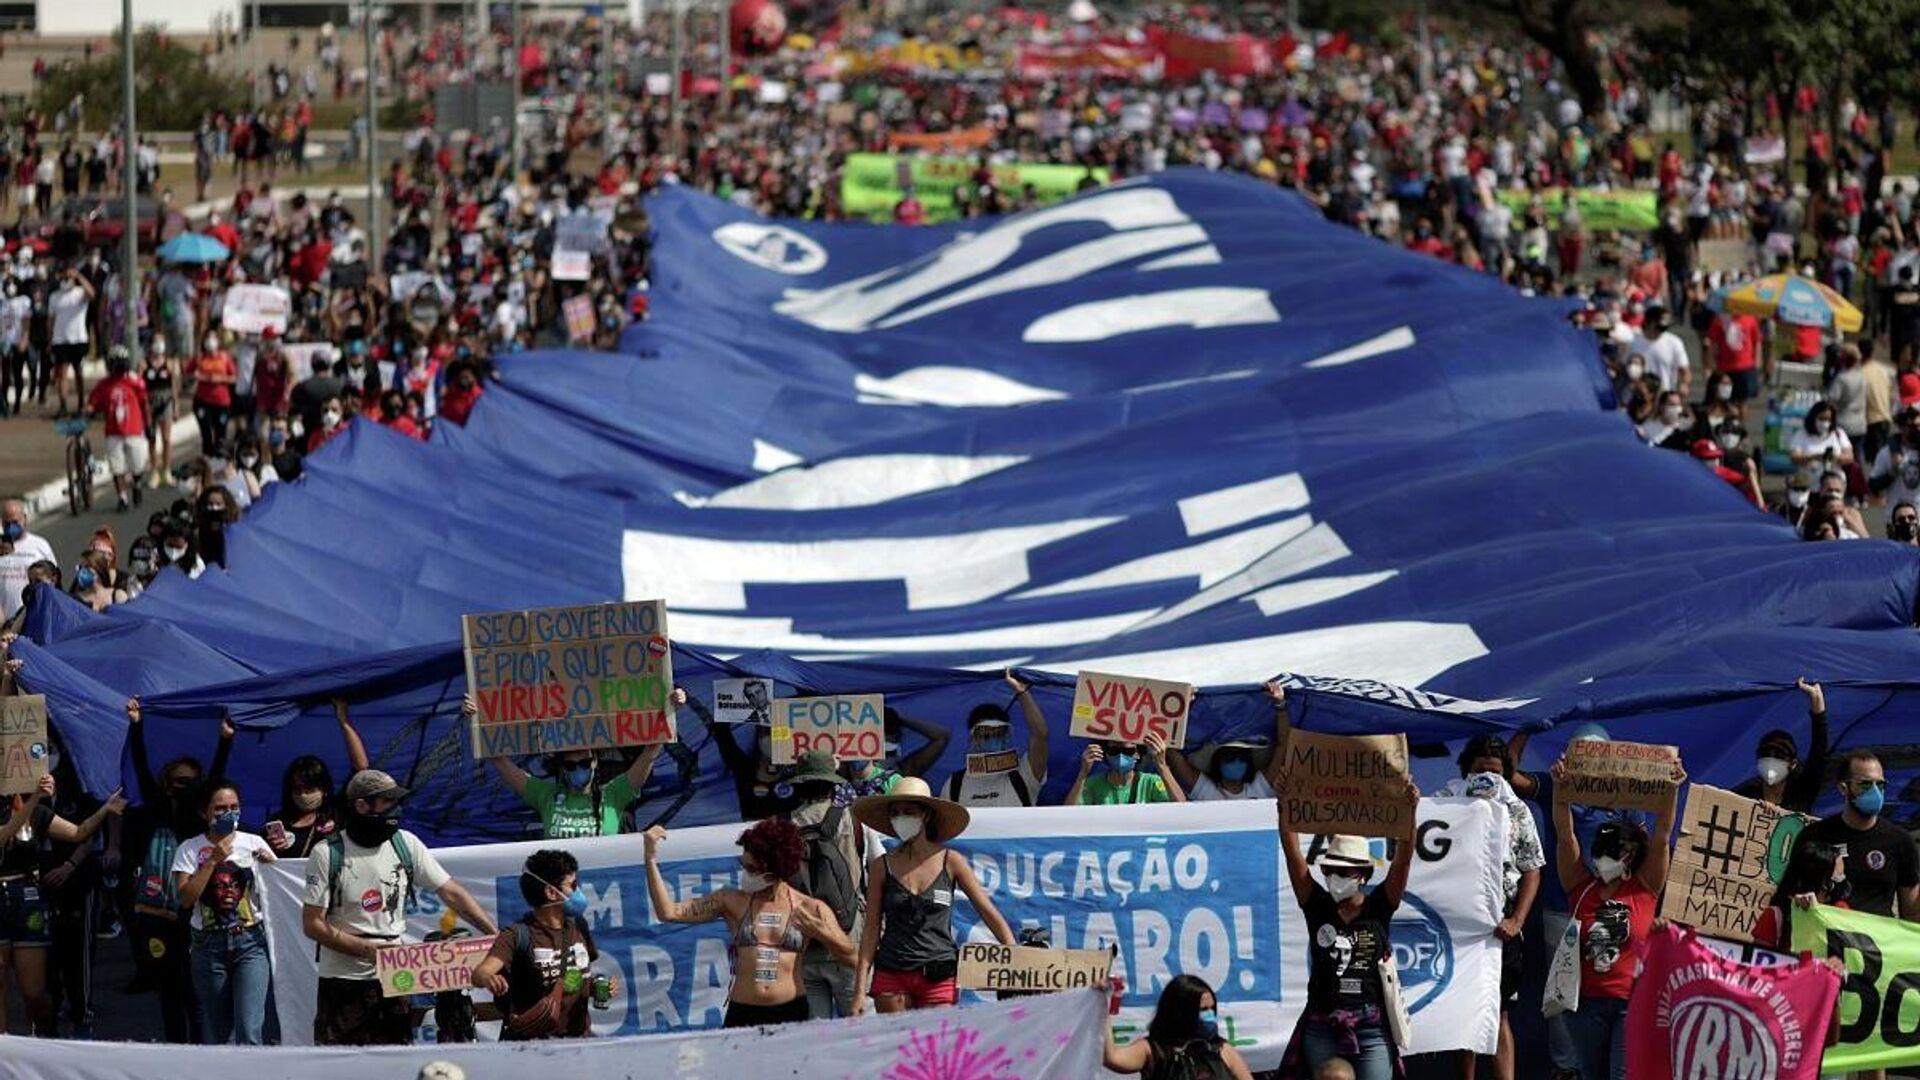 Protesta contro il governo di Bolsonaro in Brasile - Sputnik Italia, 1920, 29.05.2021